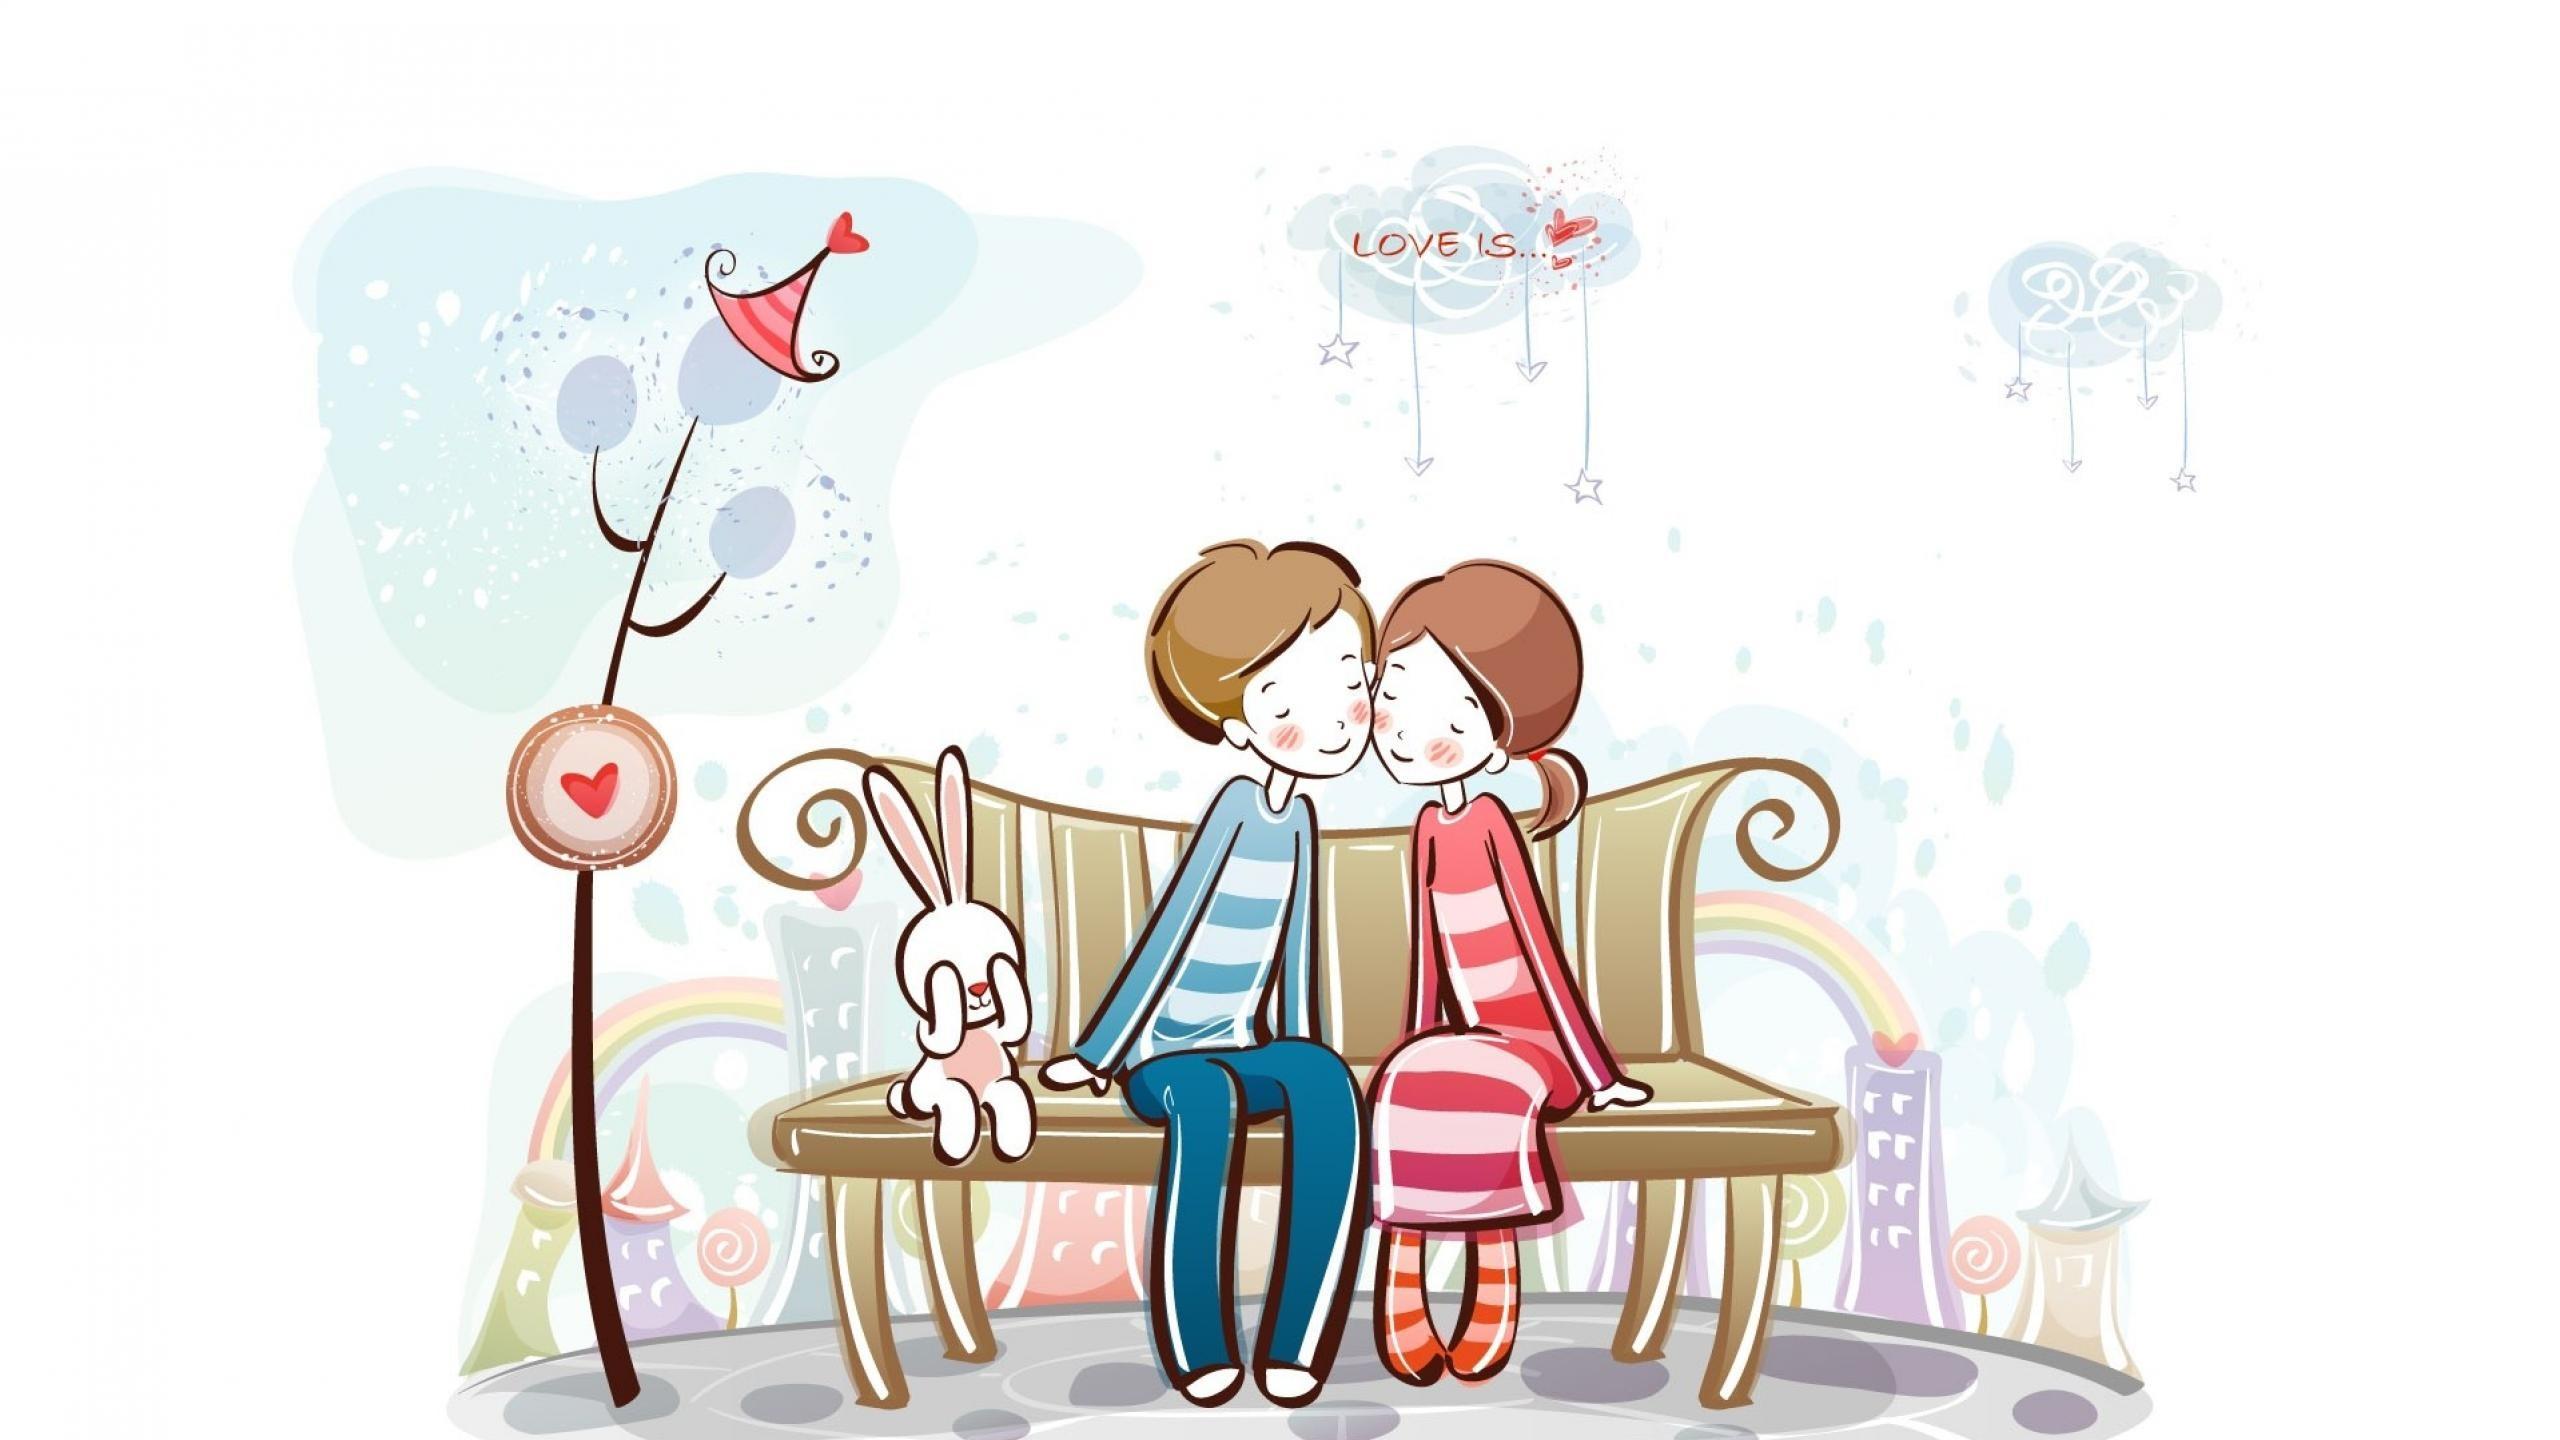 Cute Love Cartoon Couple Pictures | imagebasket.net · Love Wallpapers |  Wallpaper Download